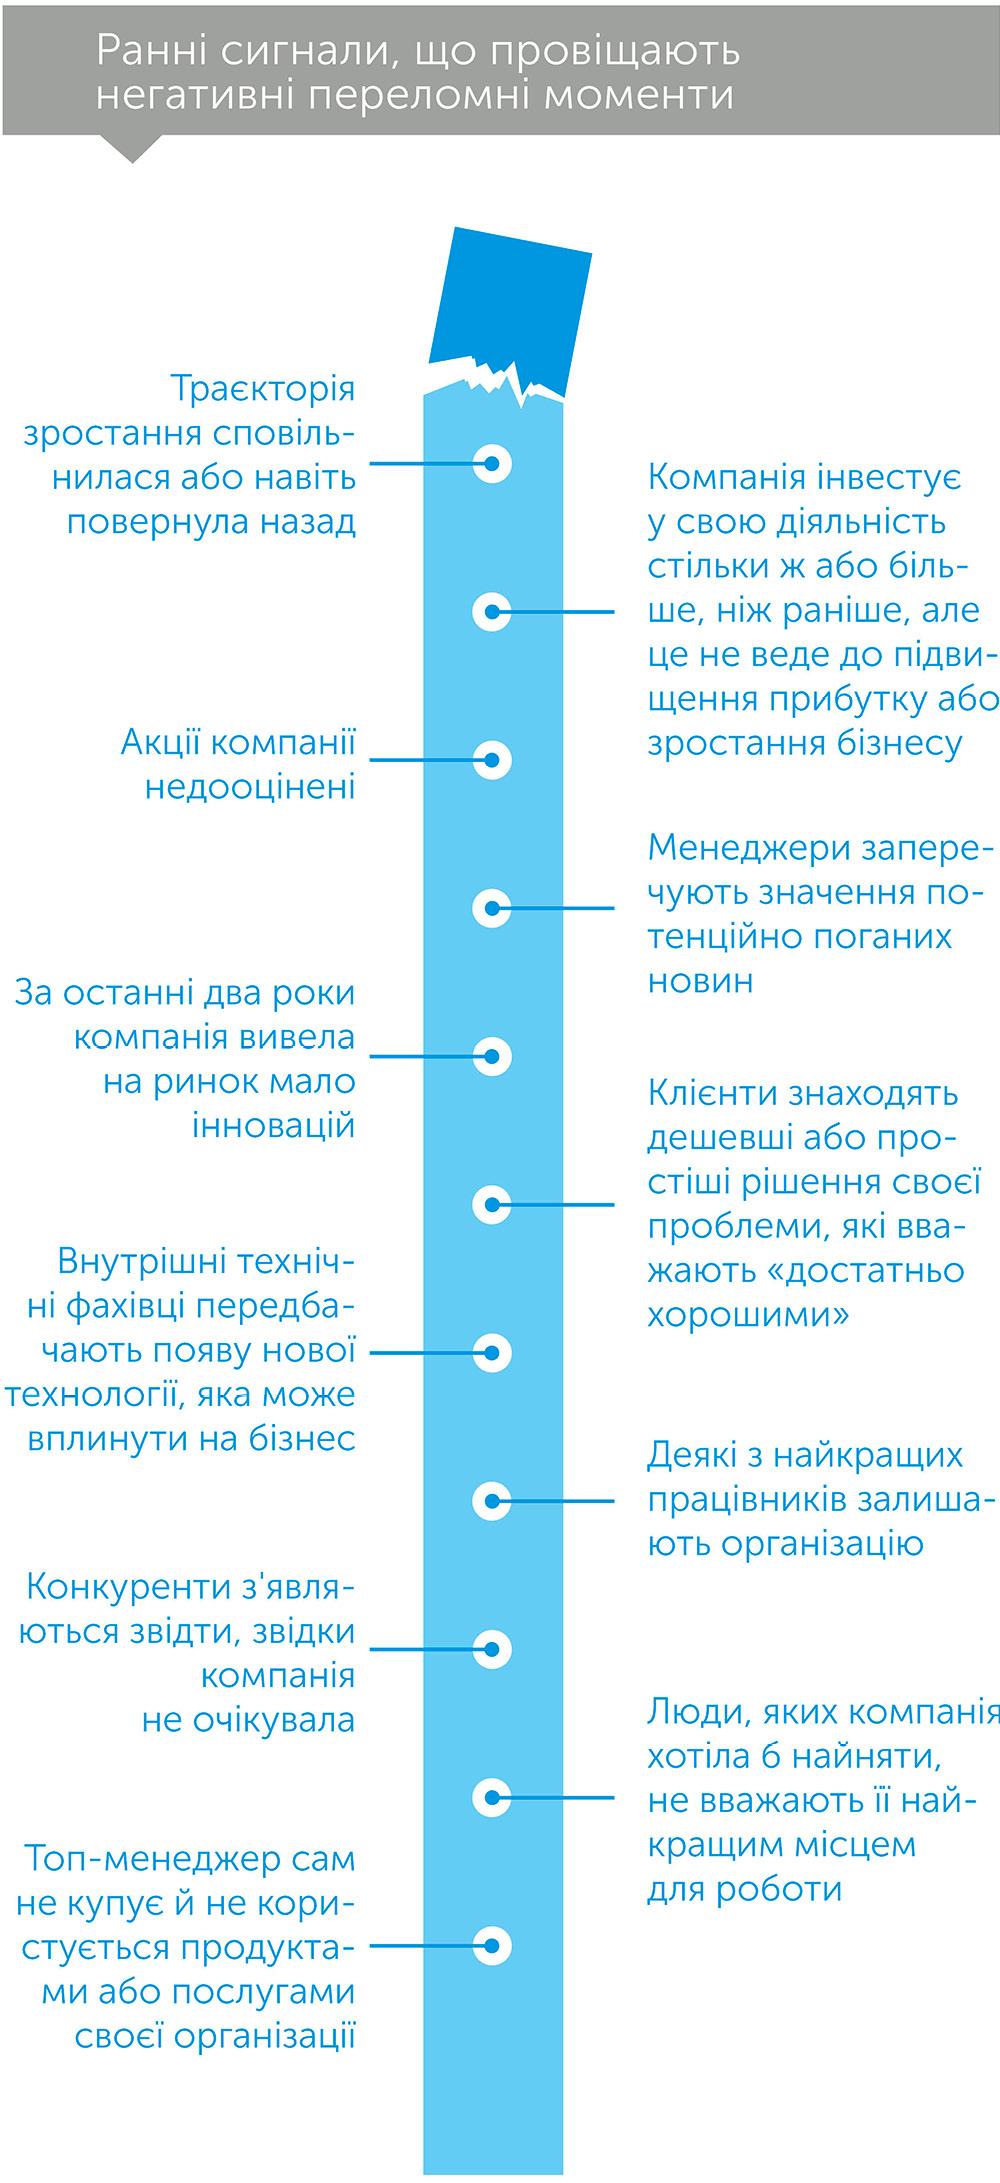 Зазирнути за ріг: як розпізнати переломний момент до того, як він настане, автор Рита МакГрат | Kyivstar Business Hub, зображення №3